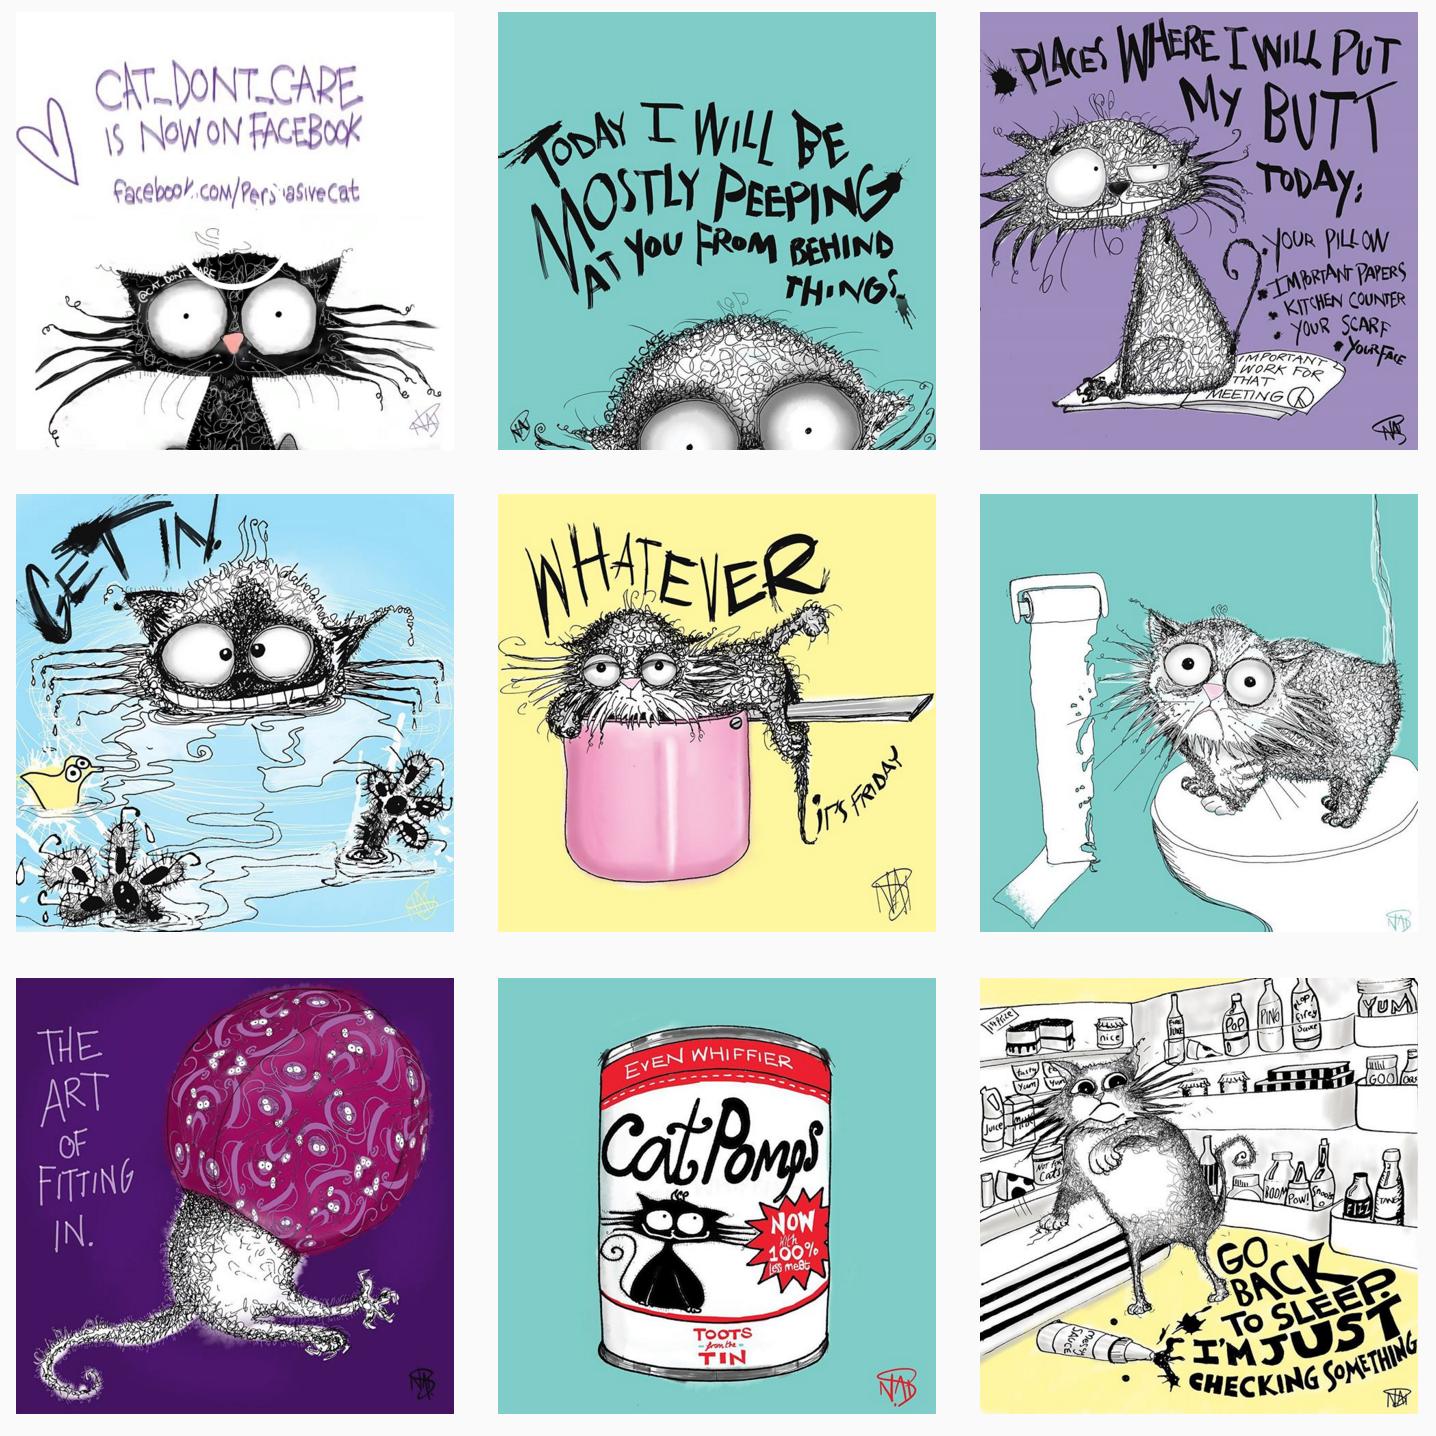 cat dont care - Natalie Palmer Sutton Art